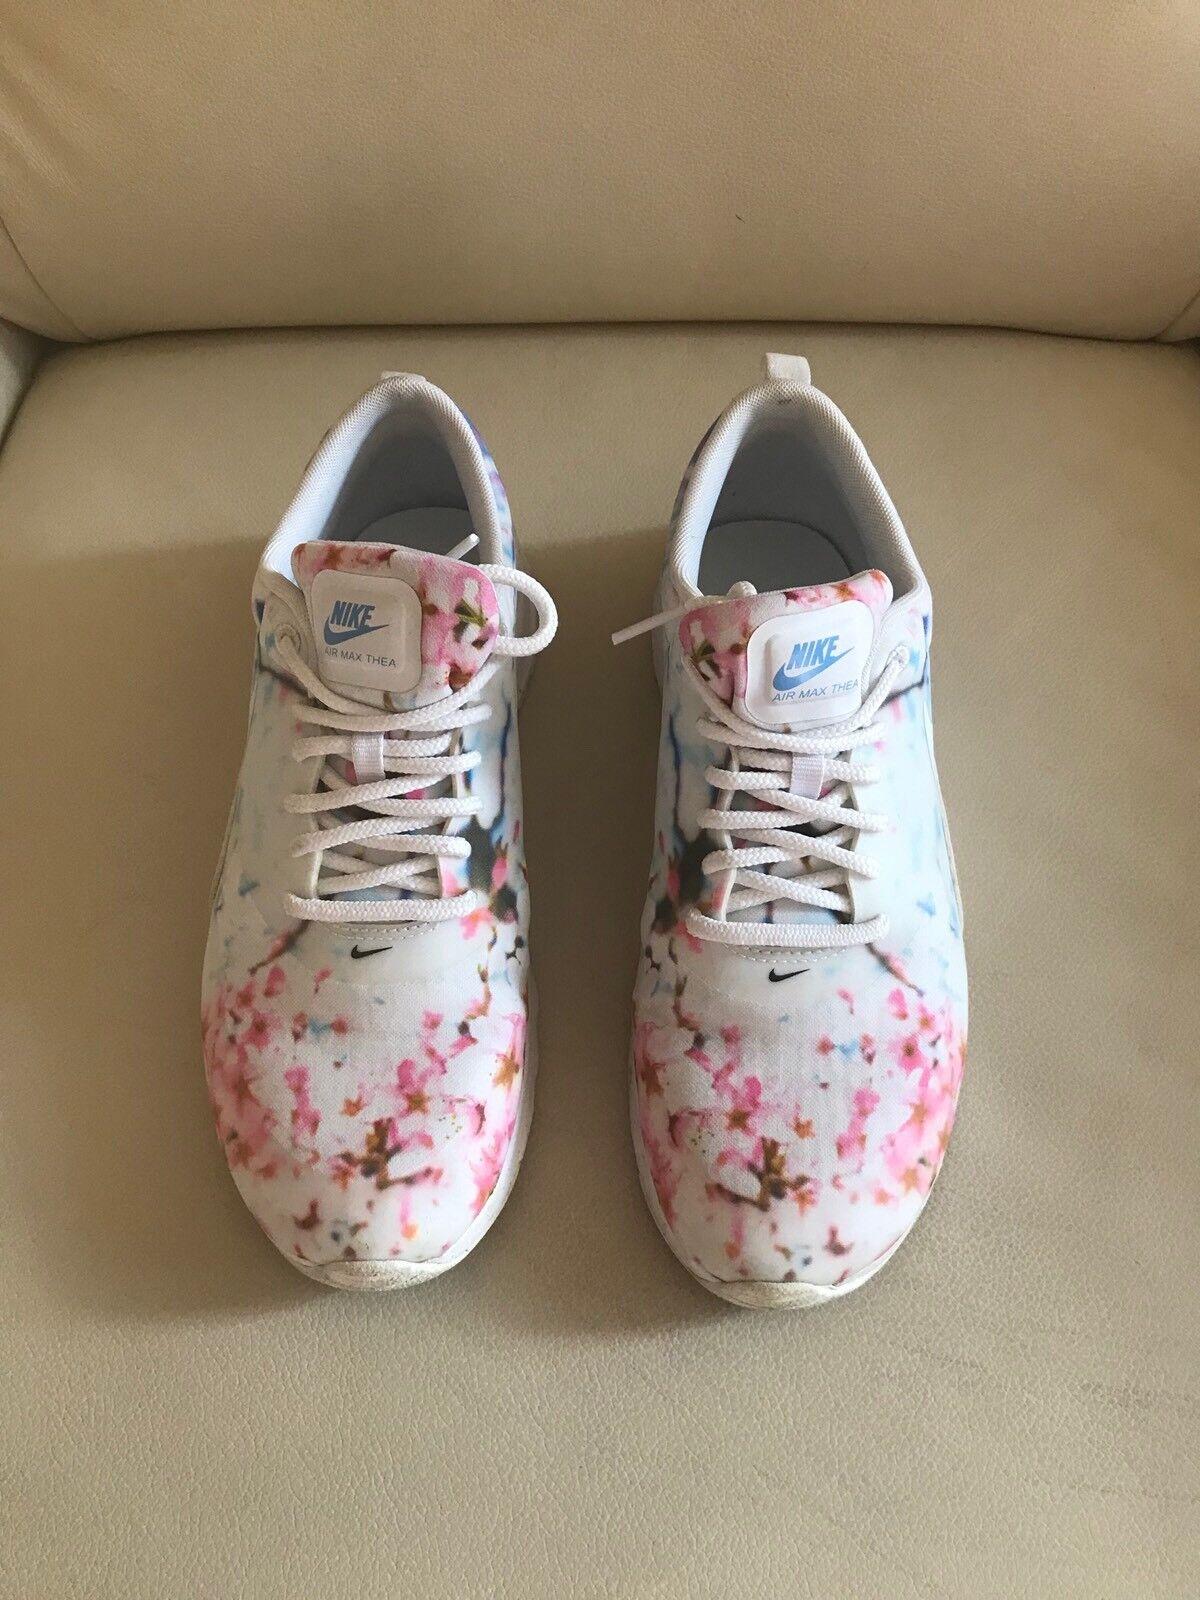 WMNS NIKE Air Air NIKE Max Thea Print Cherry Blossom Gr. 38 Sneaker Damen w. NEU Blogger 73703d